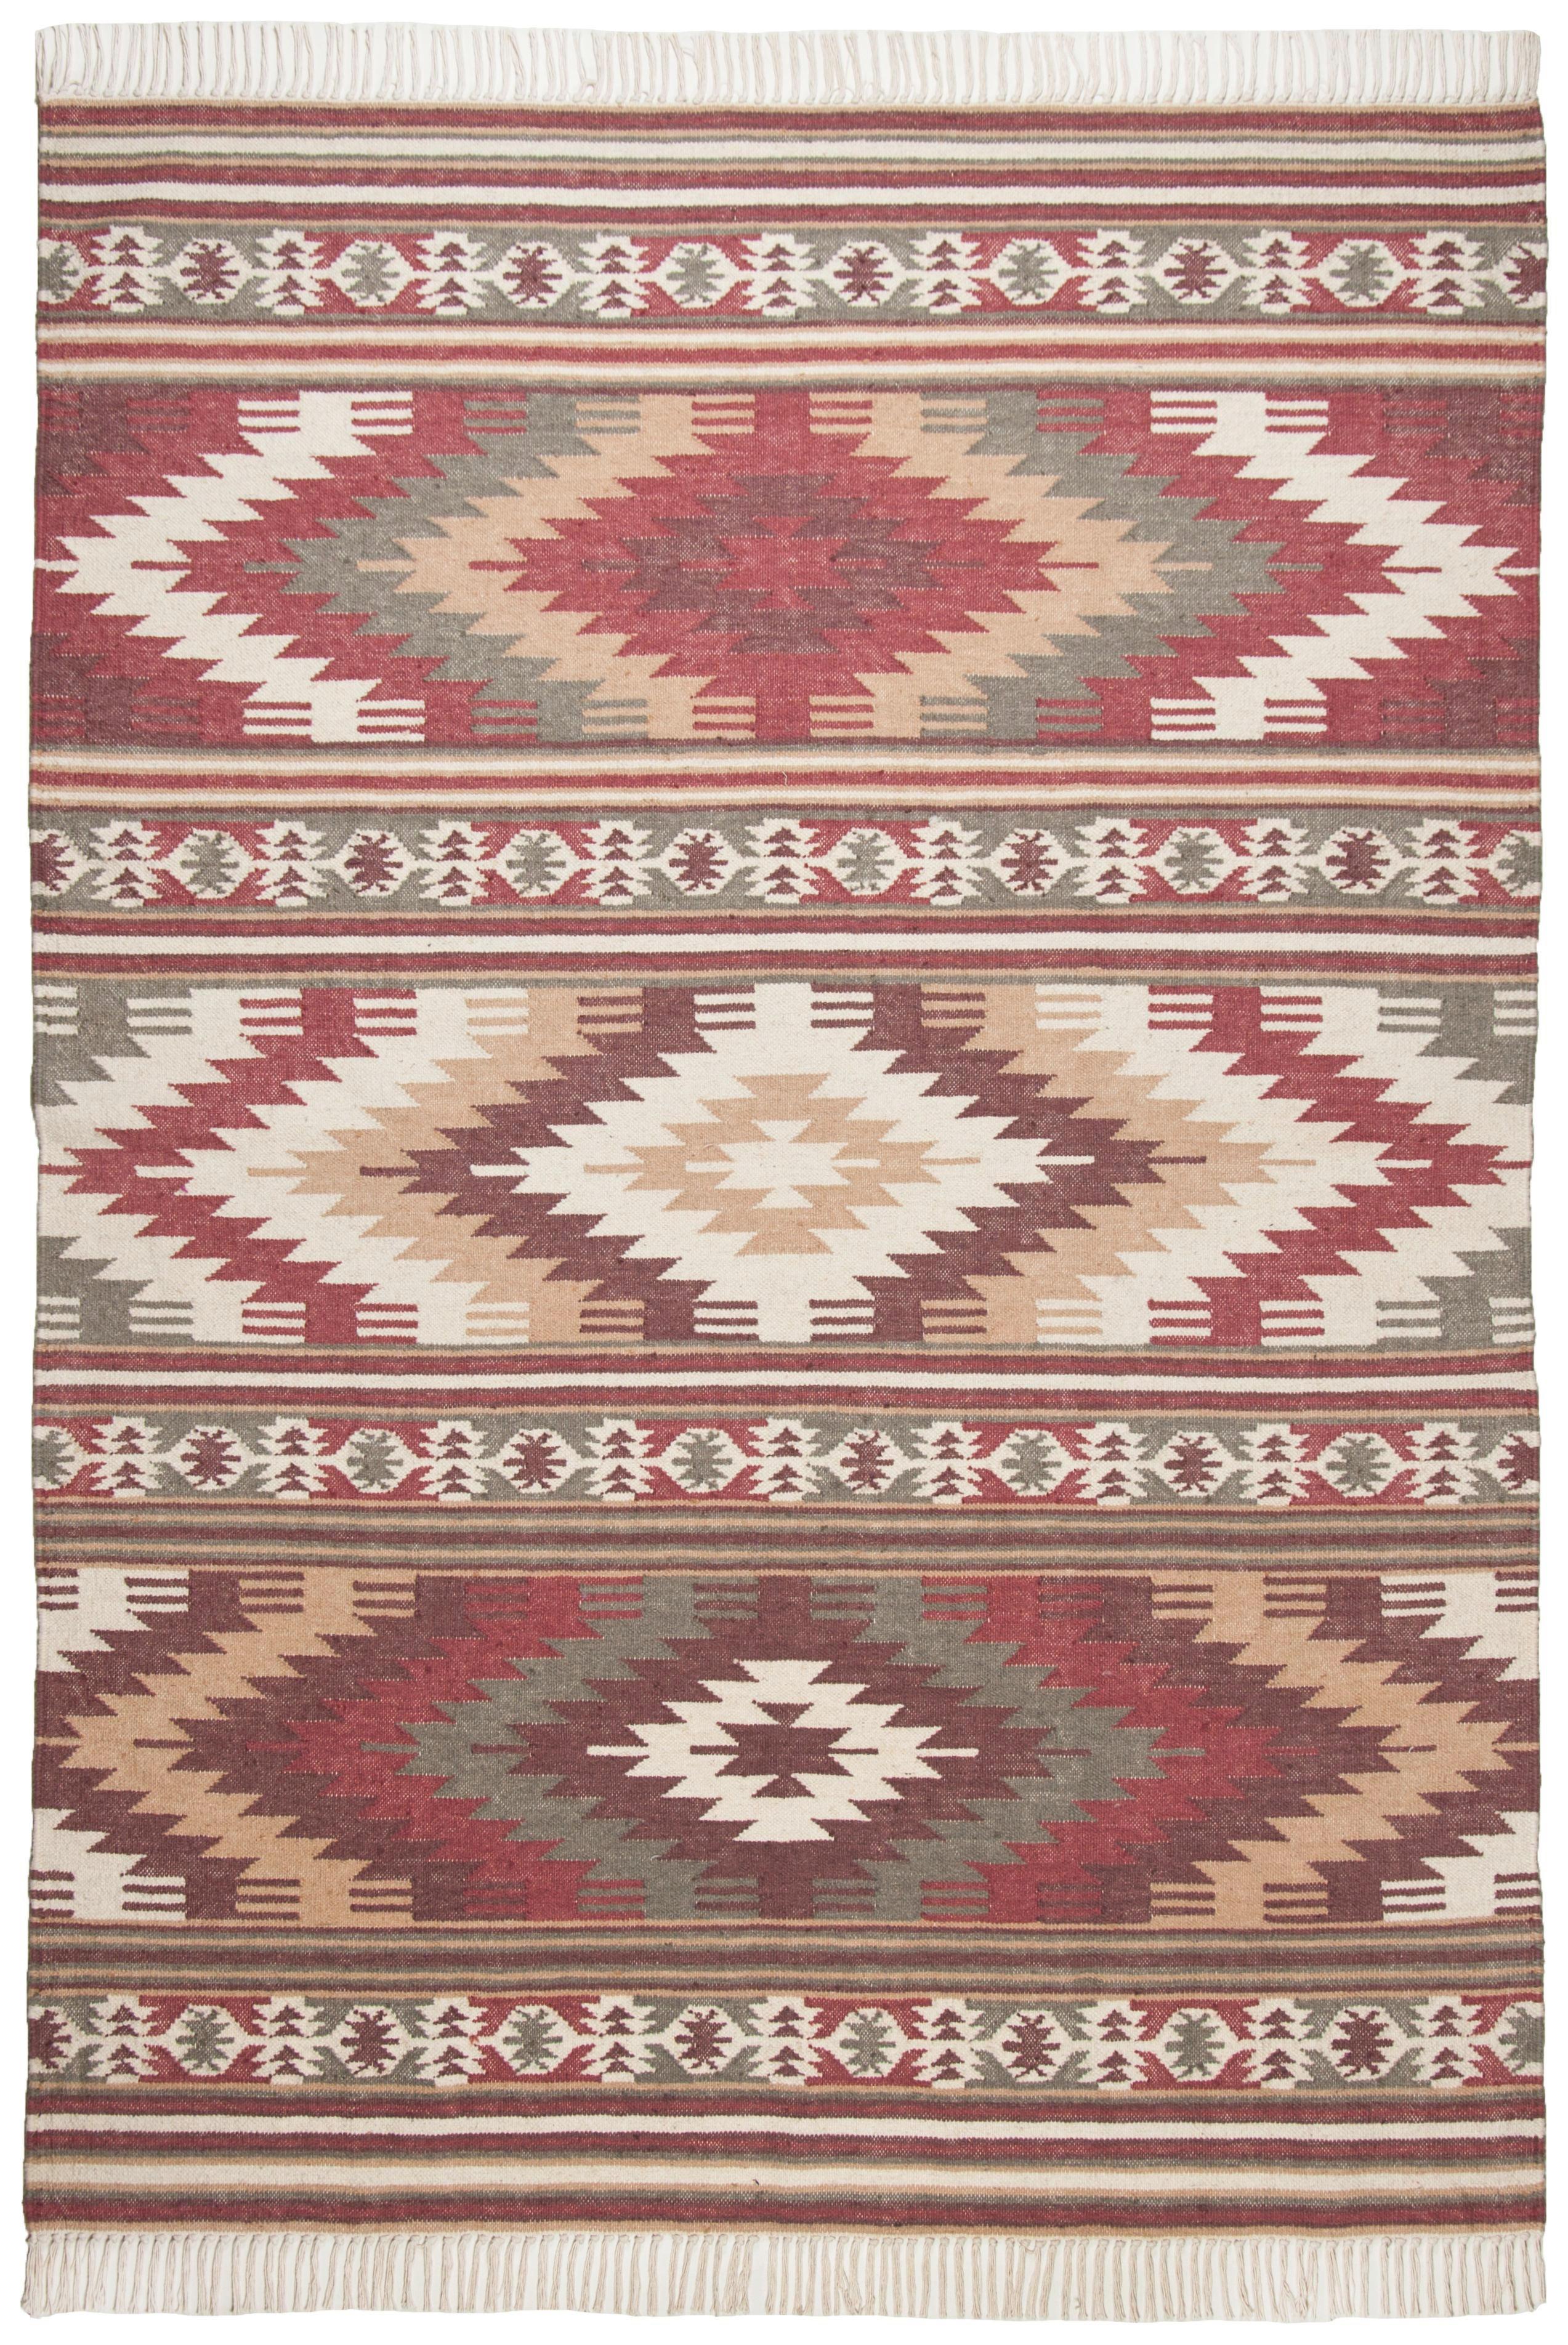 ROČNO TKANA PREPROGA - rdeča, Trendi, tekstil (140/200cm)